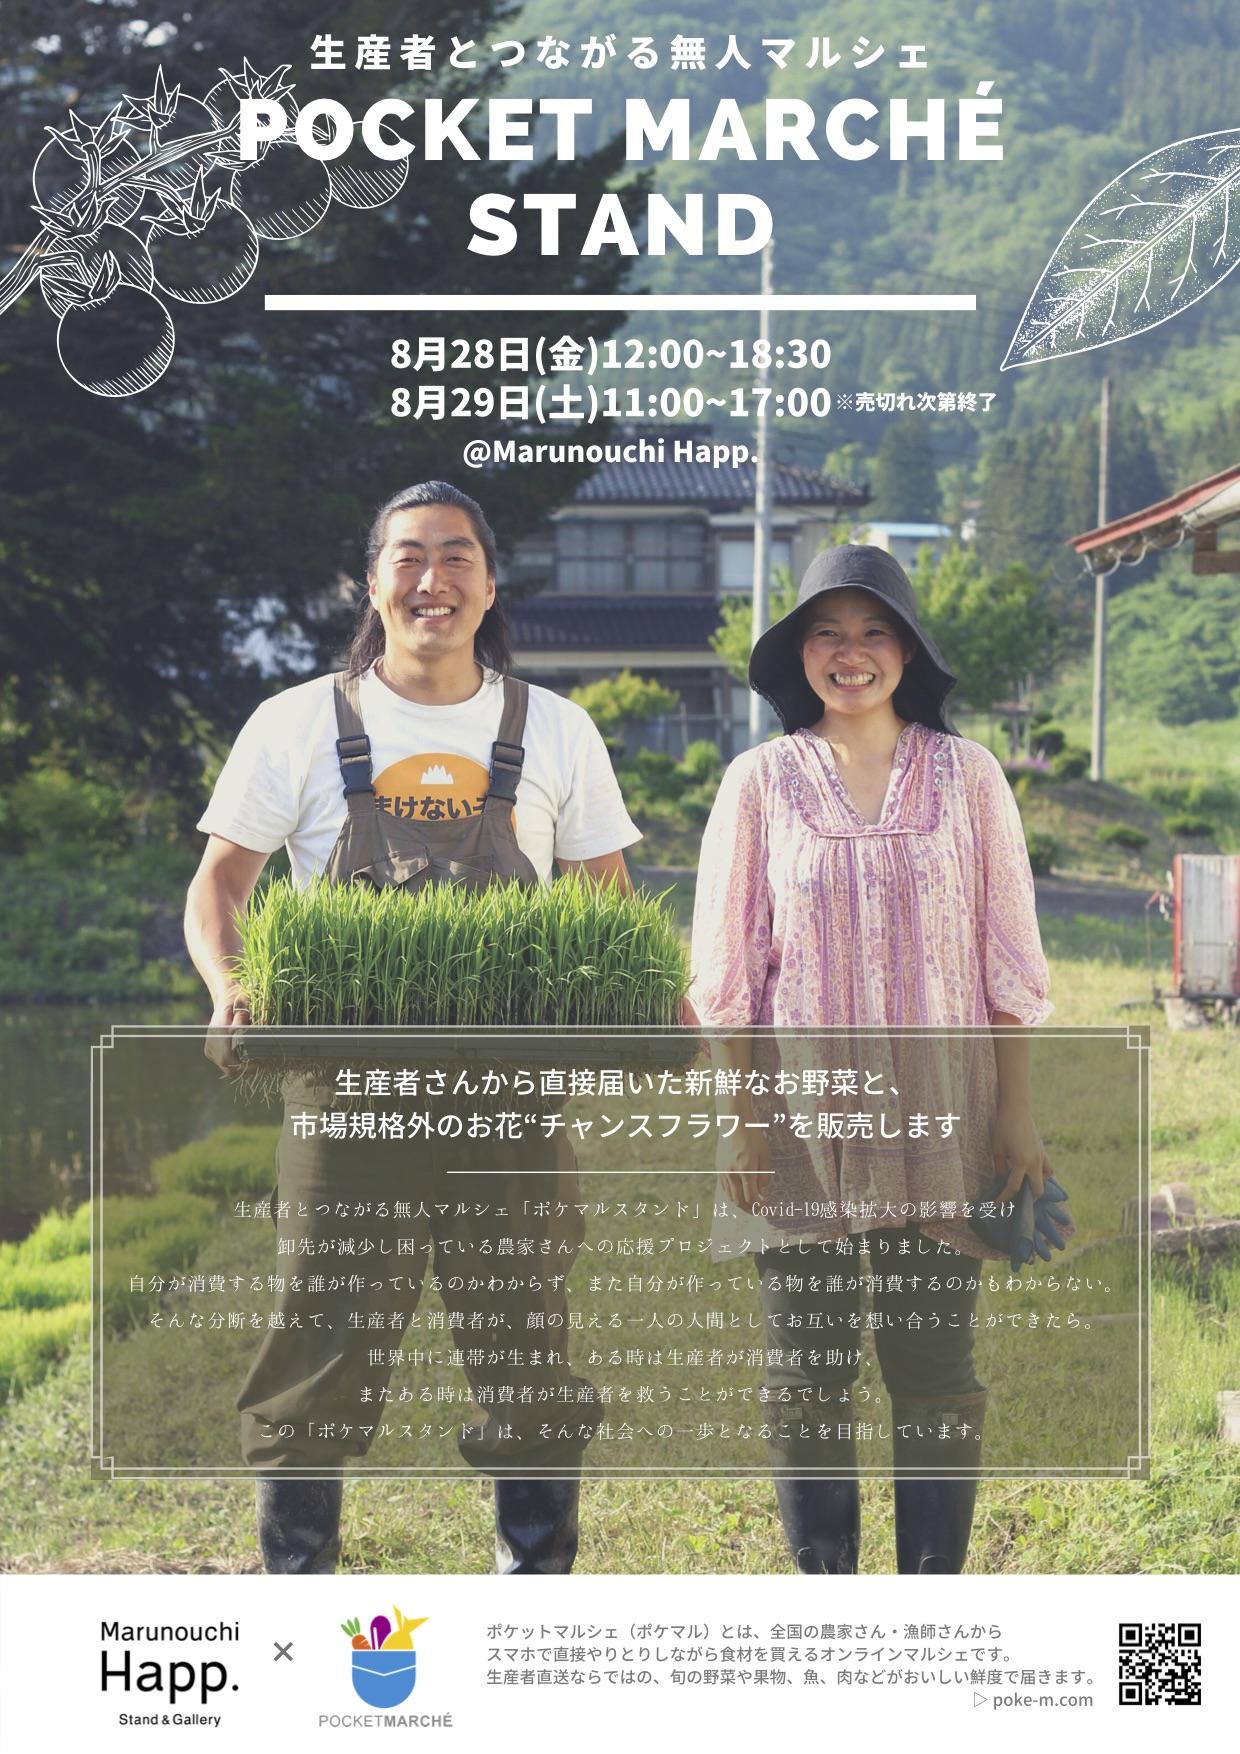 2020年8月28日(金)・8月29日(土) 2日間限定!マルシェ開催!